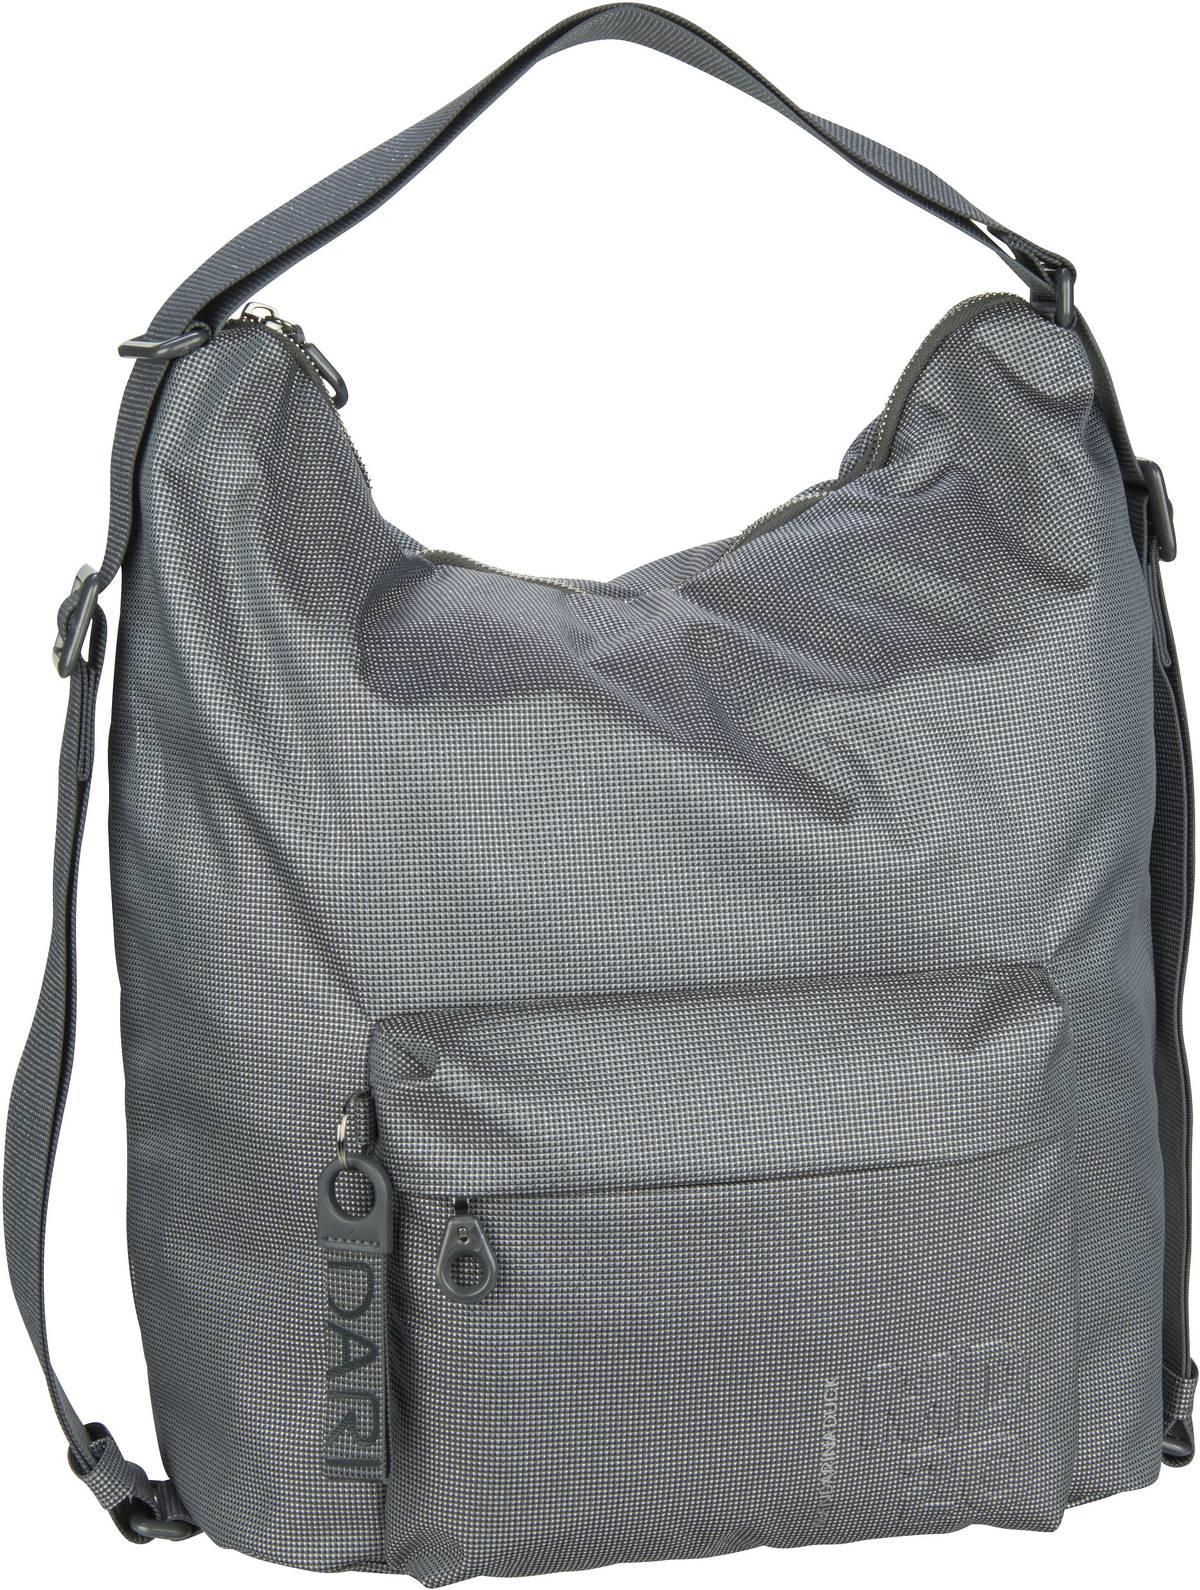 Beuteltasche MD20 Lux Hobo Backpack QNT09 Gun Metal